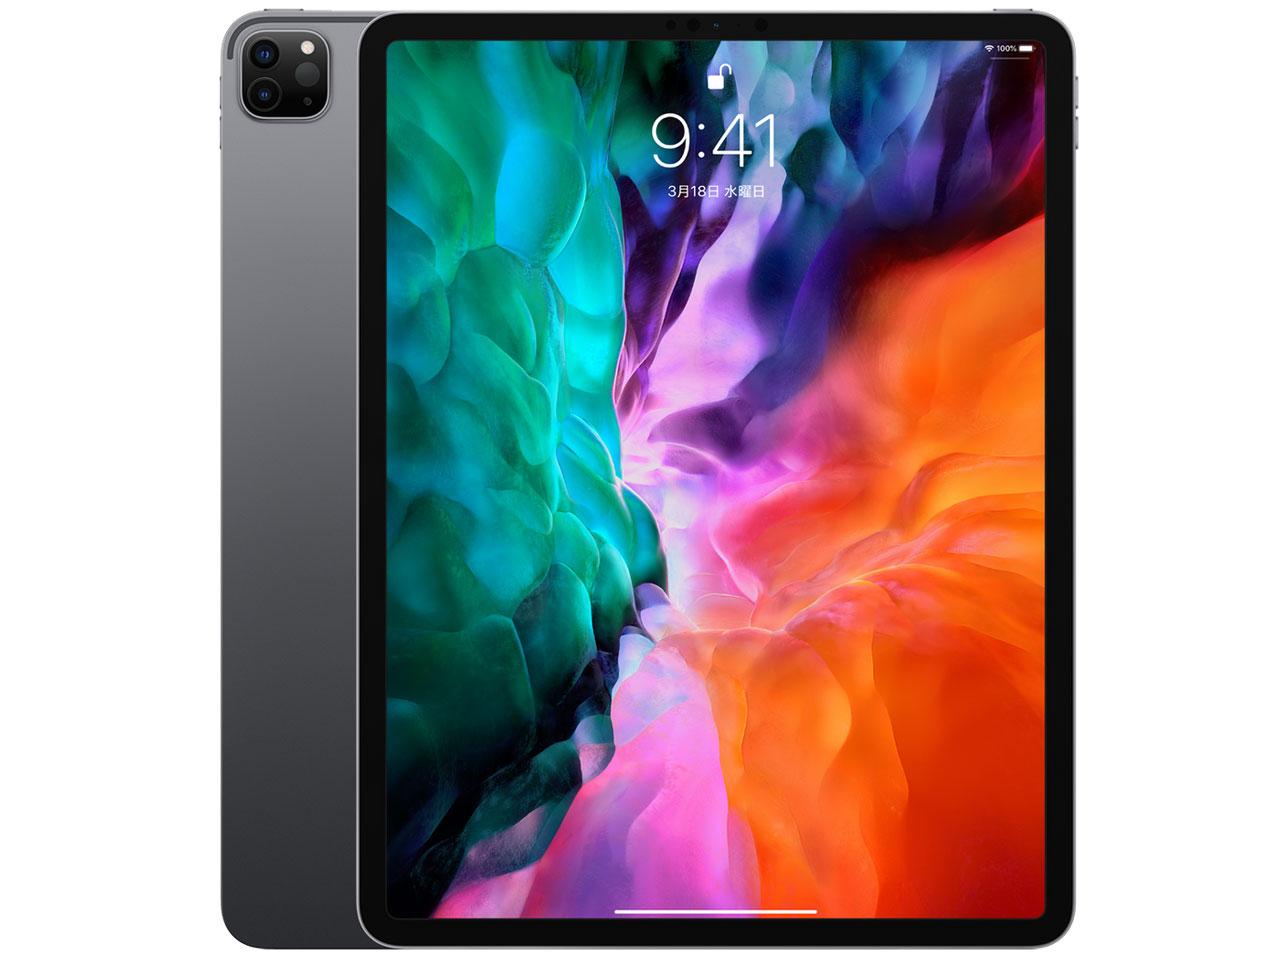 【新品/在庫あり】MY2H2J/A iPad Pro 12.9インチ 第4世代 Wi-Fi 128GB スペースグレイ